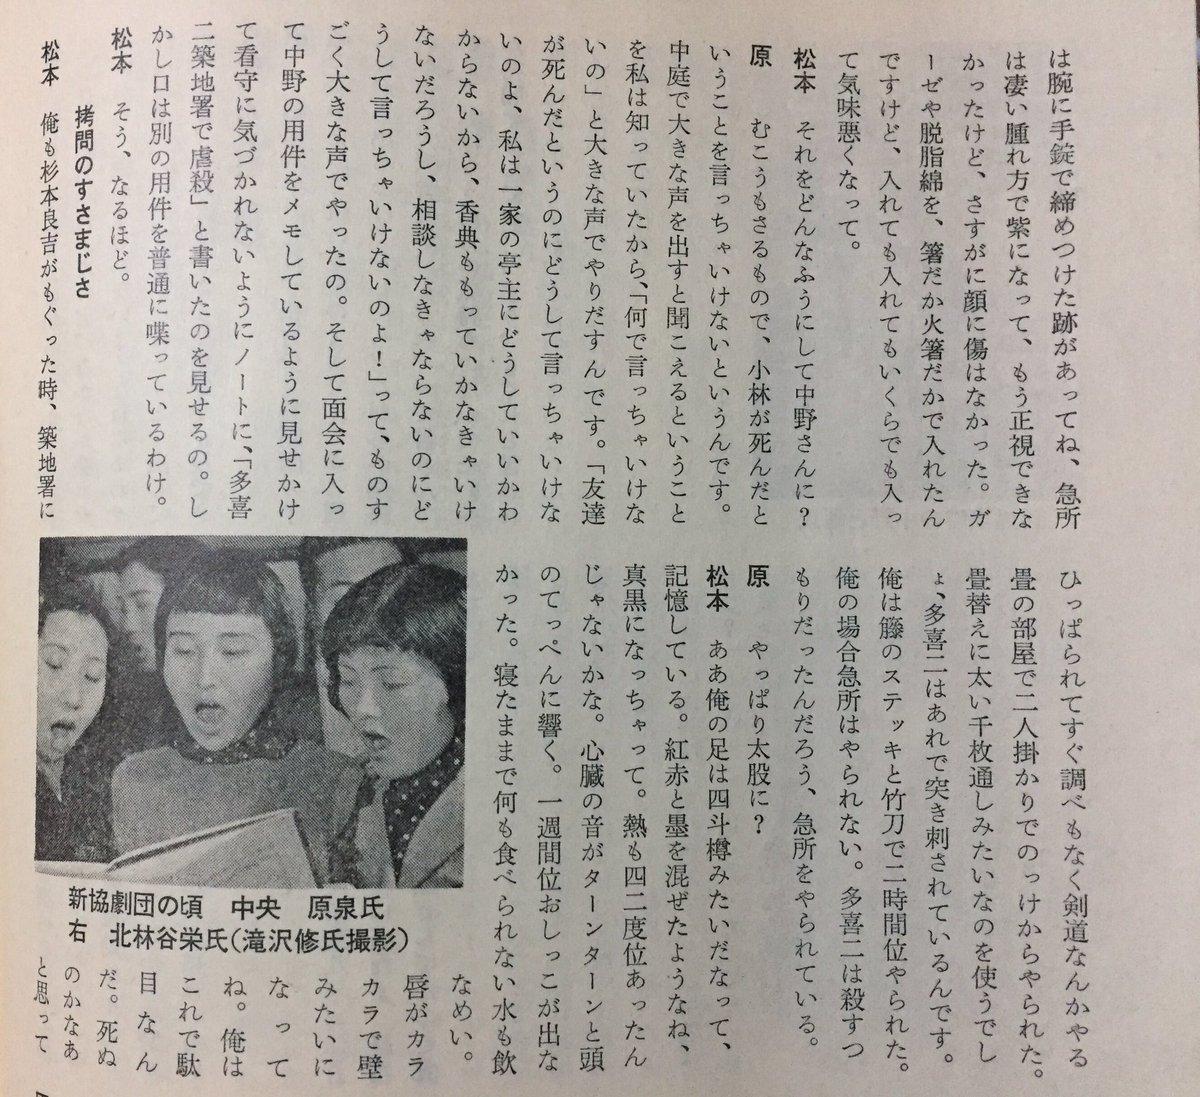 「彷書月刊1986年10月号」特集・中野重治の対談で、原泉さん(中野重治夫人)が小林多喜二の死を当時獄中にあった重治にどうやって伝えたのかが語られていました…… https://t.co/HzHTOxJilE